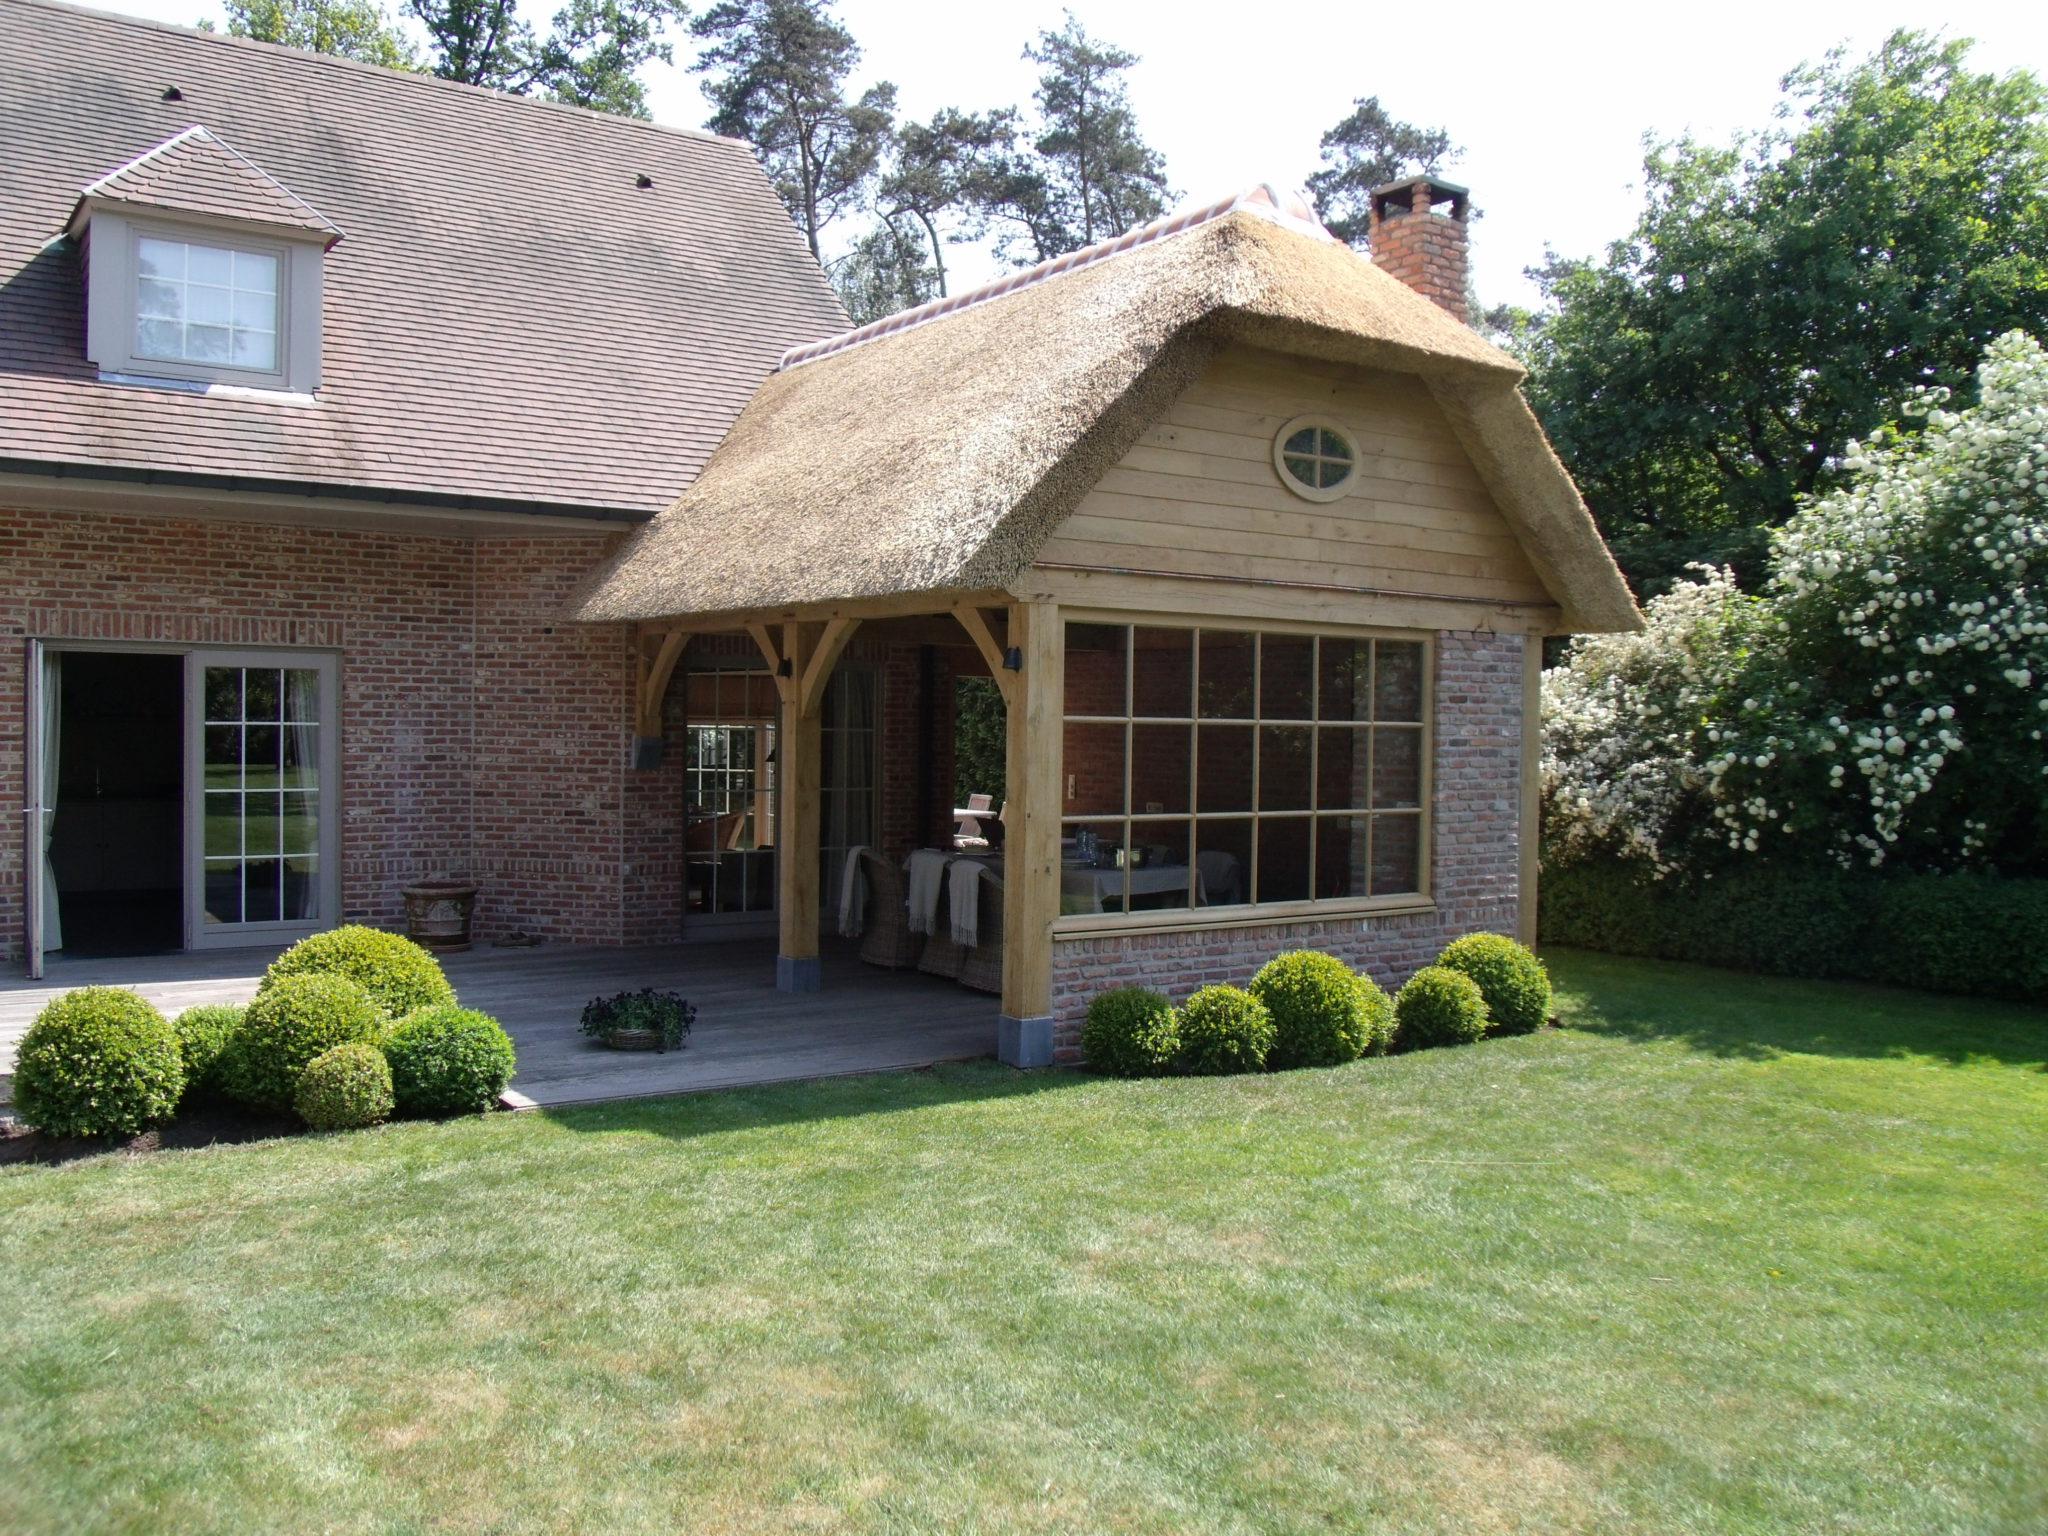 Poolhouse avec toiture en chaume